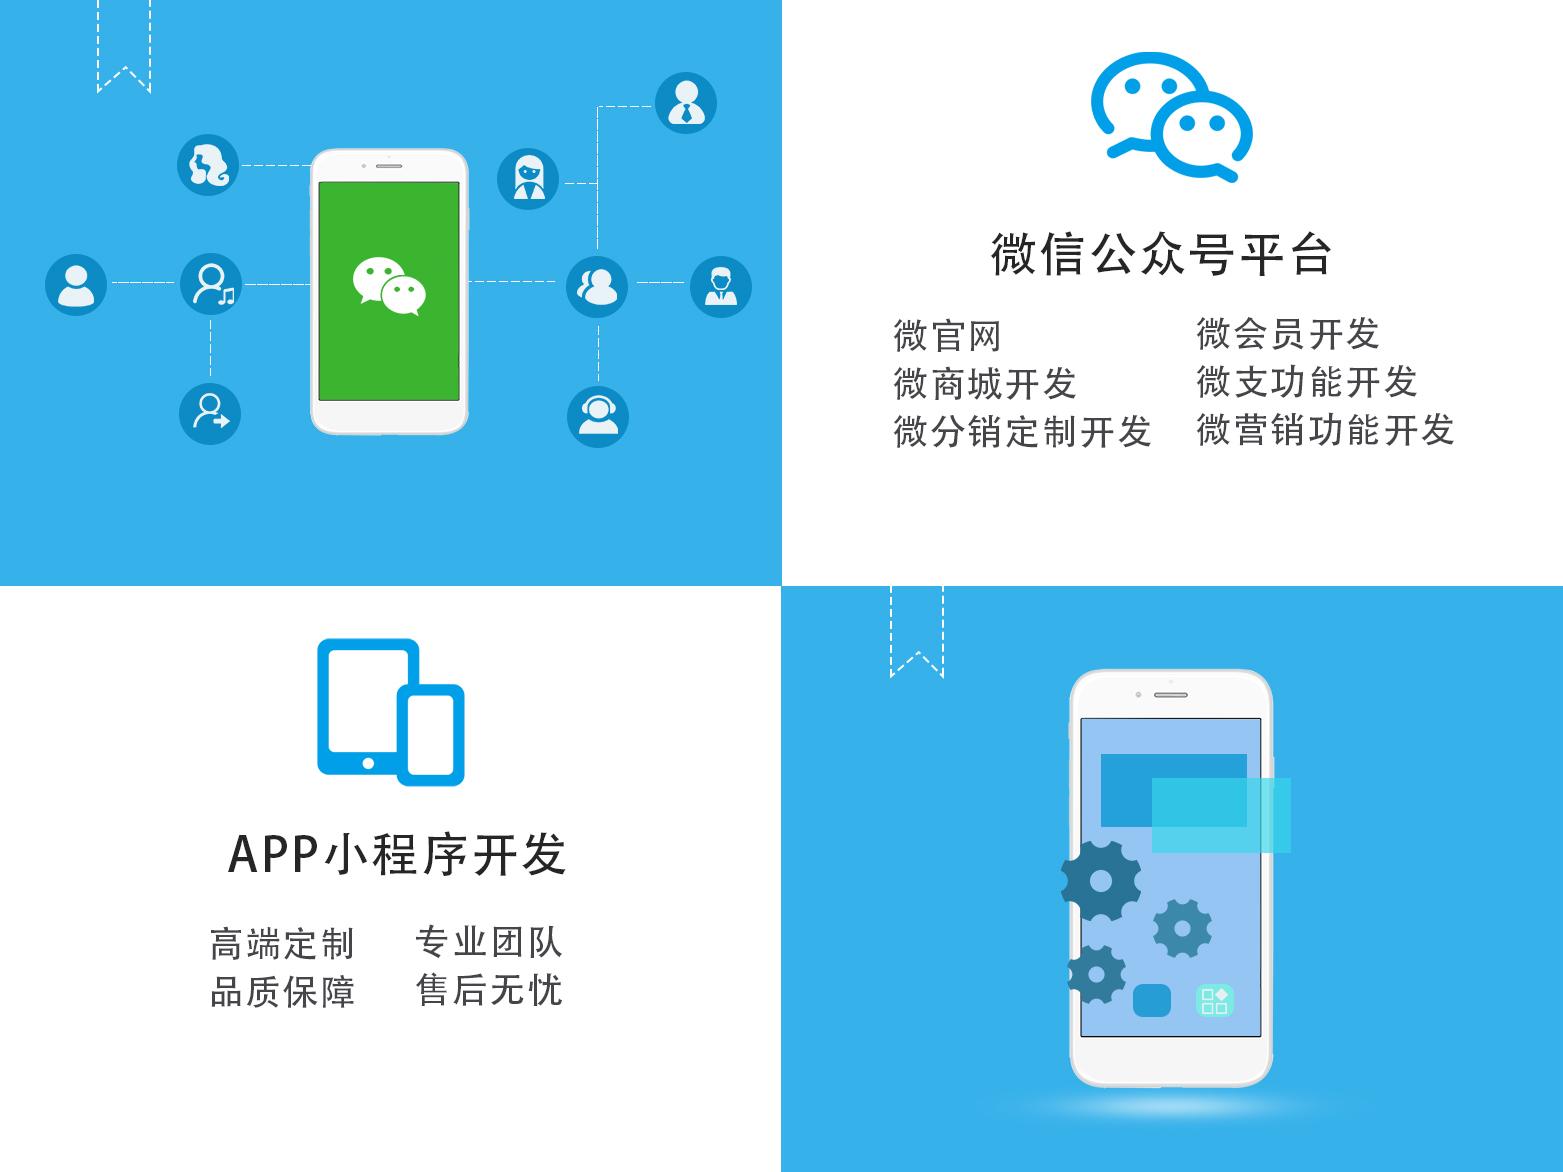 漳州开发小程序如何进行产品的规划